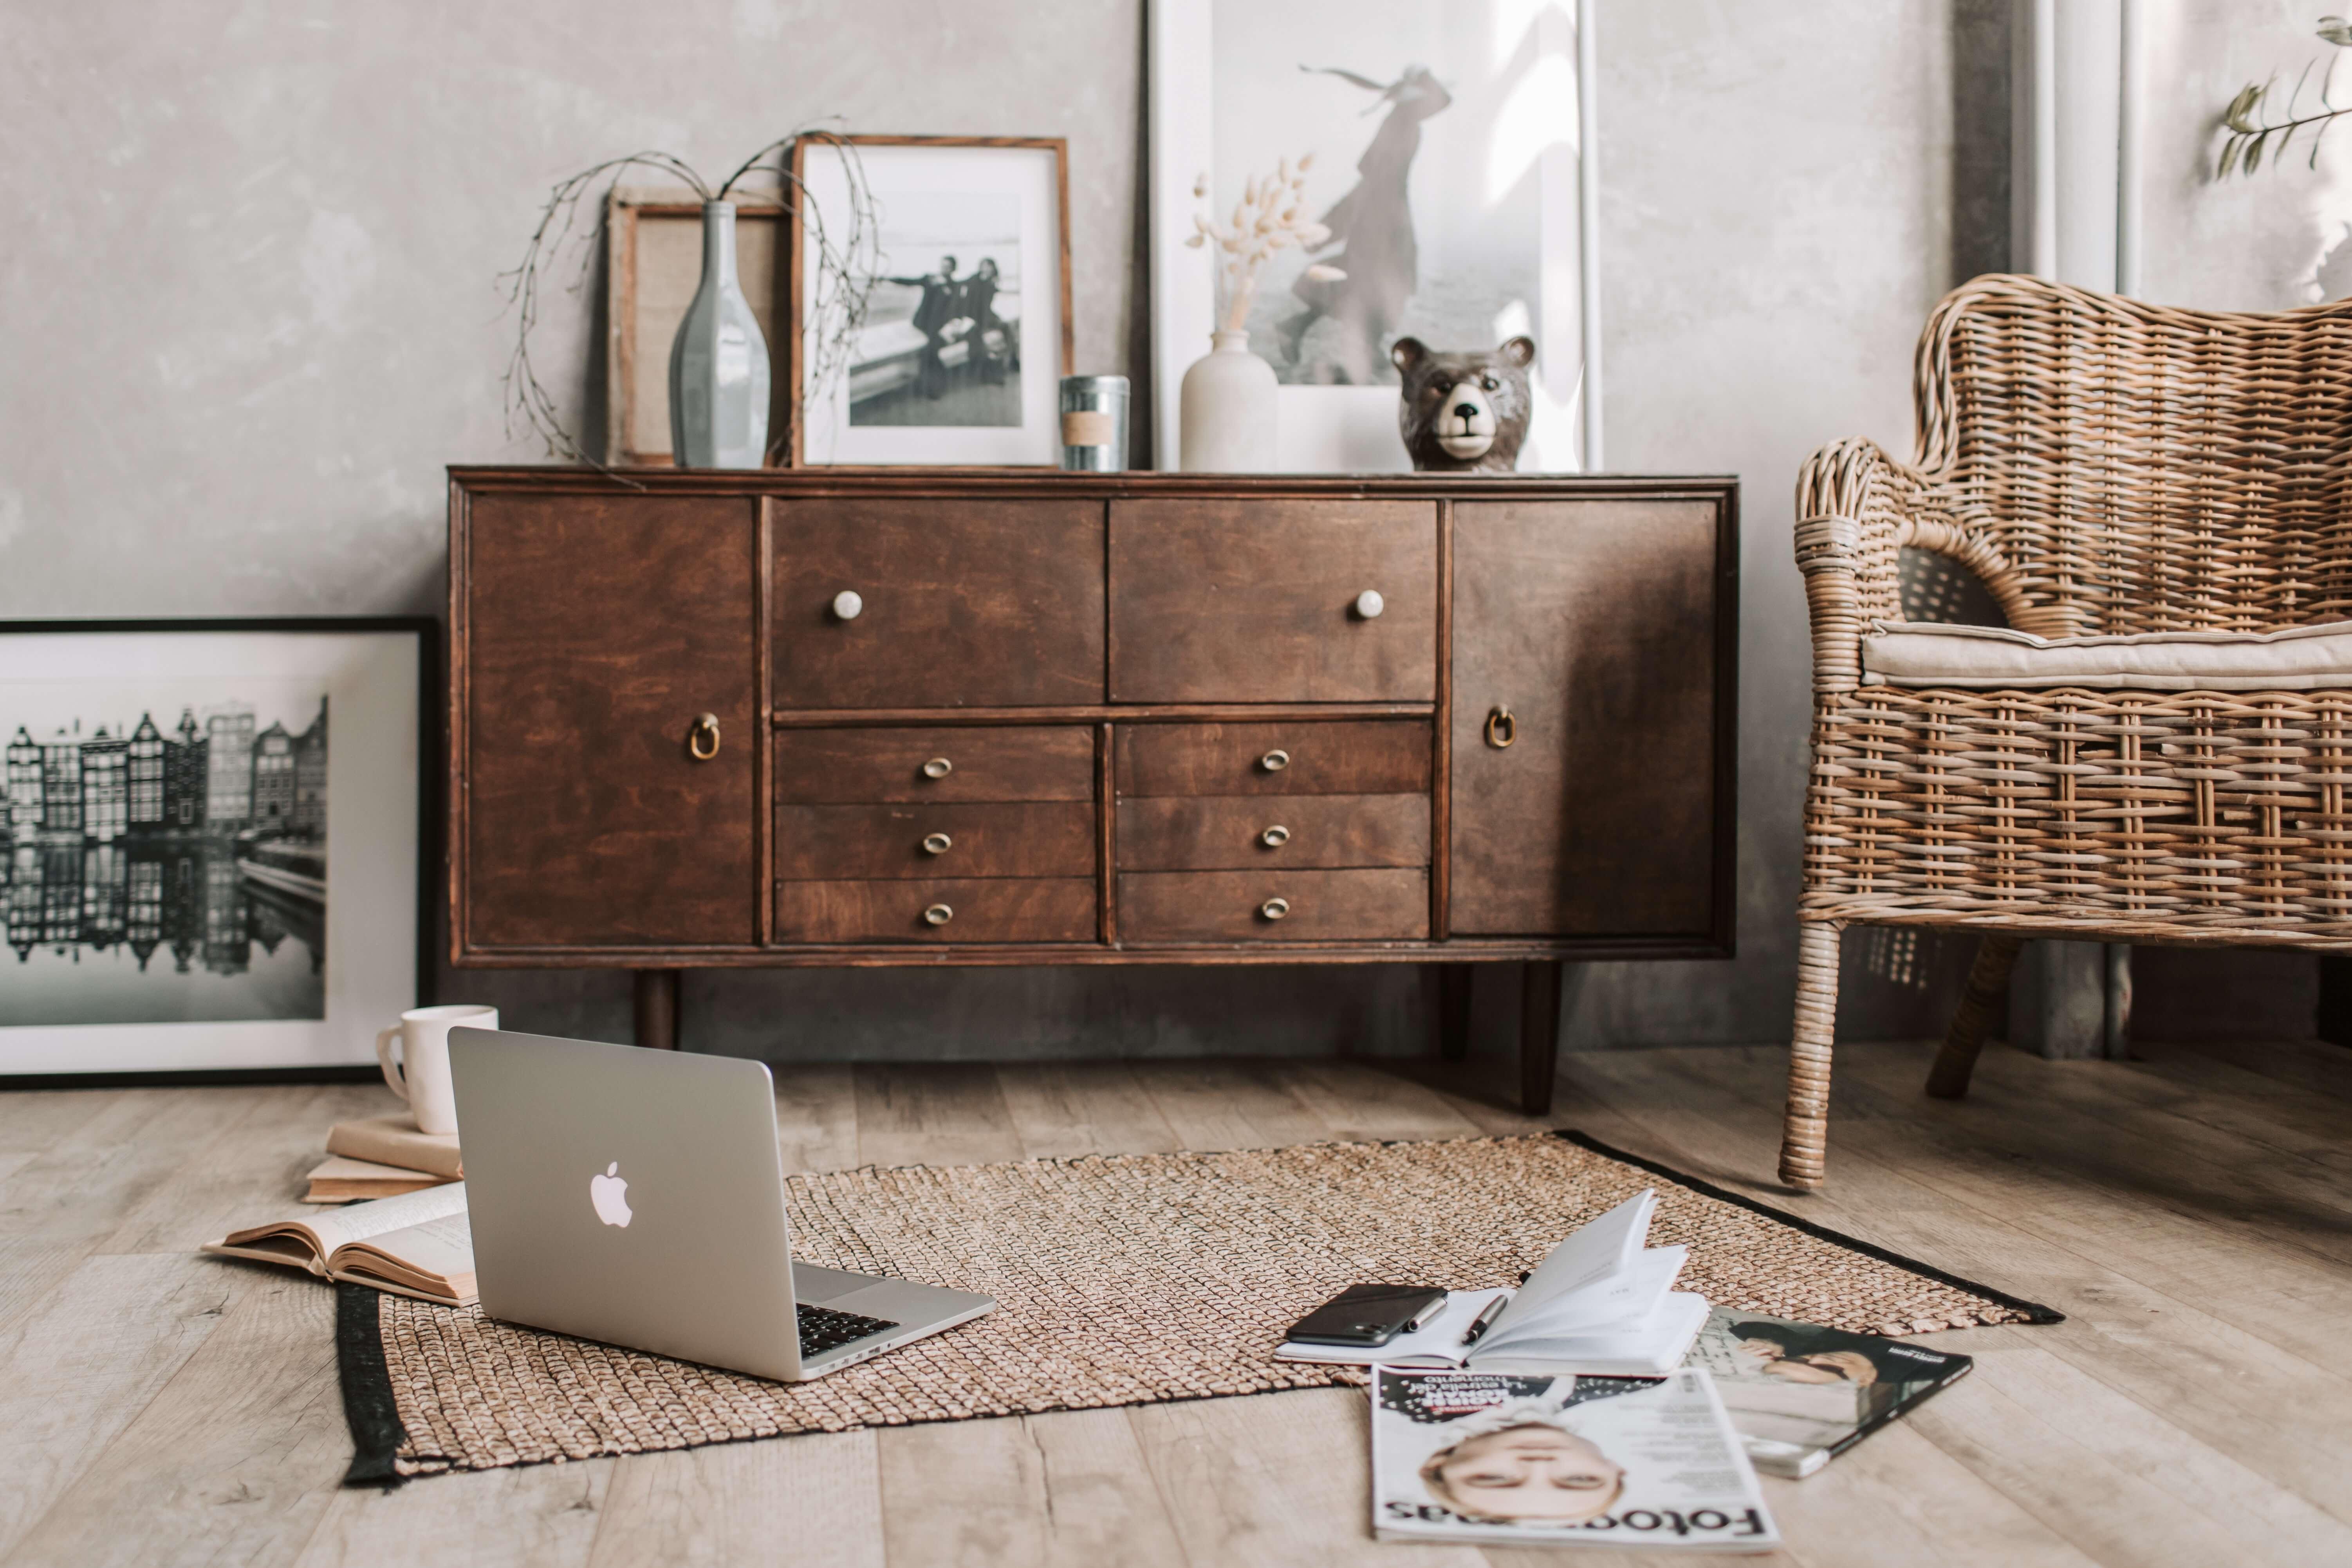 Arredamenti rustici vendita: come scegliere i mobili giusti